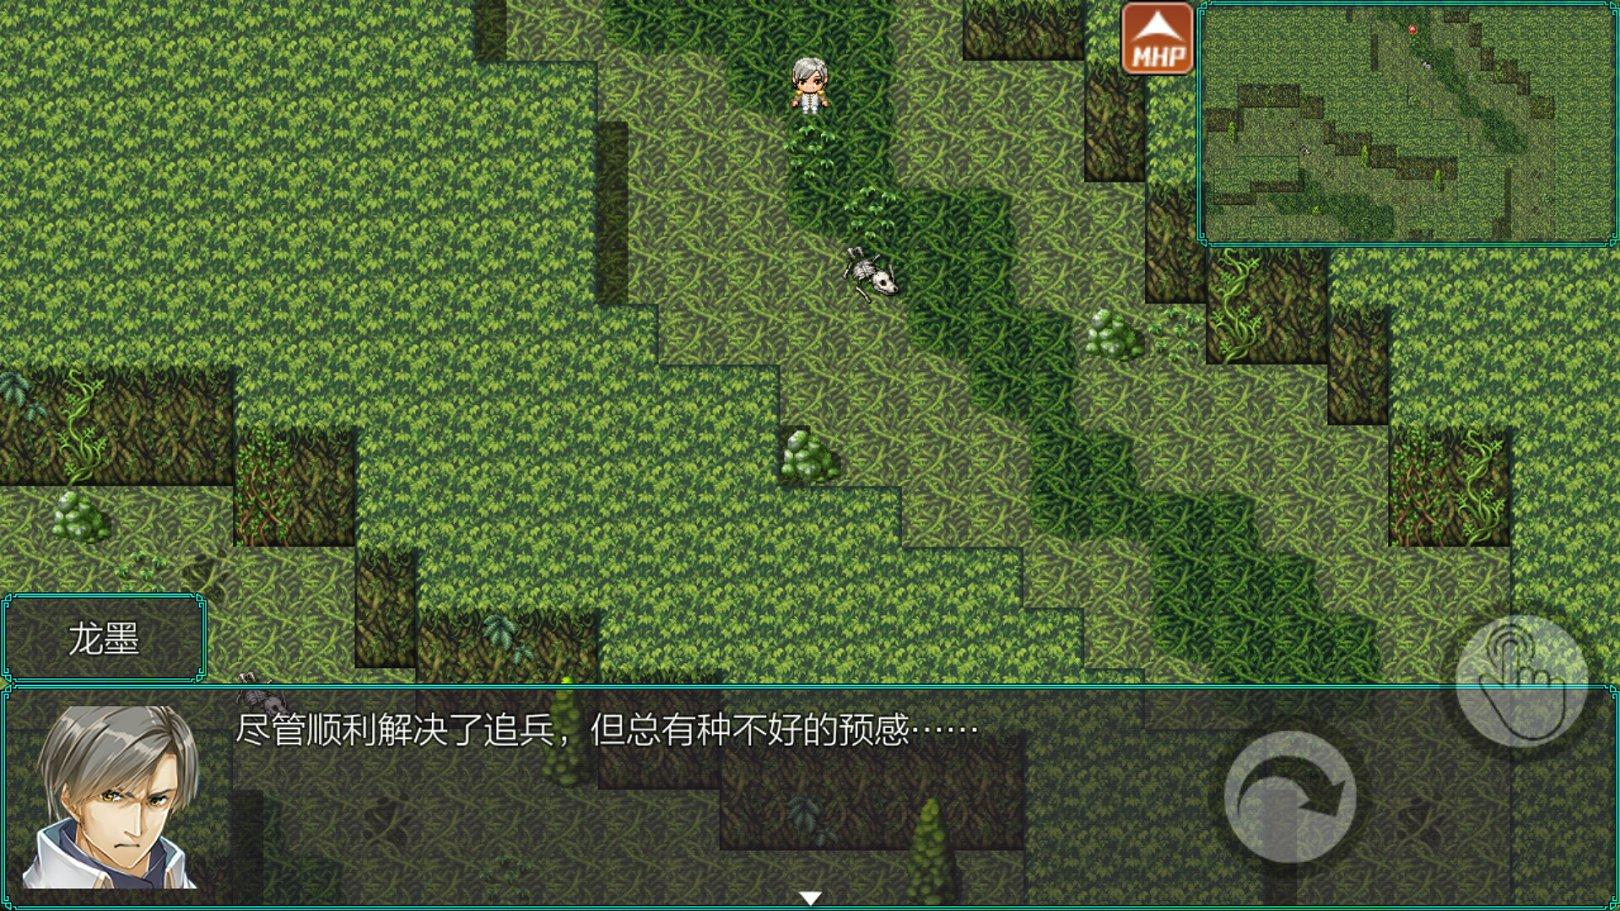 岚偌战记血宫游戏破解版 v0.0.01b截图